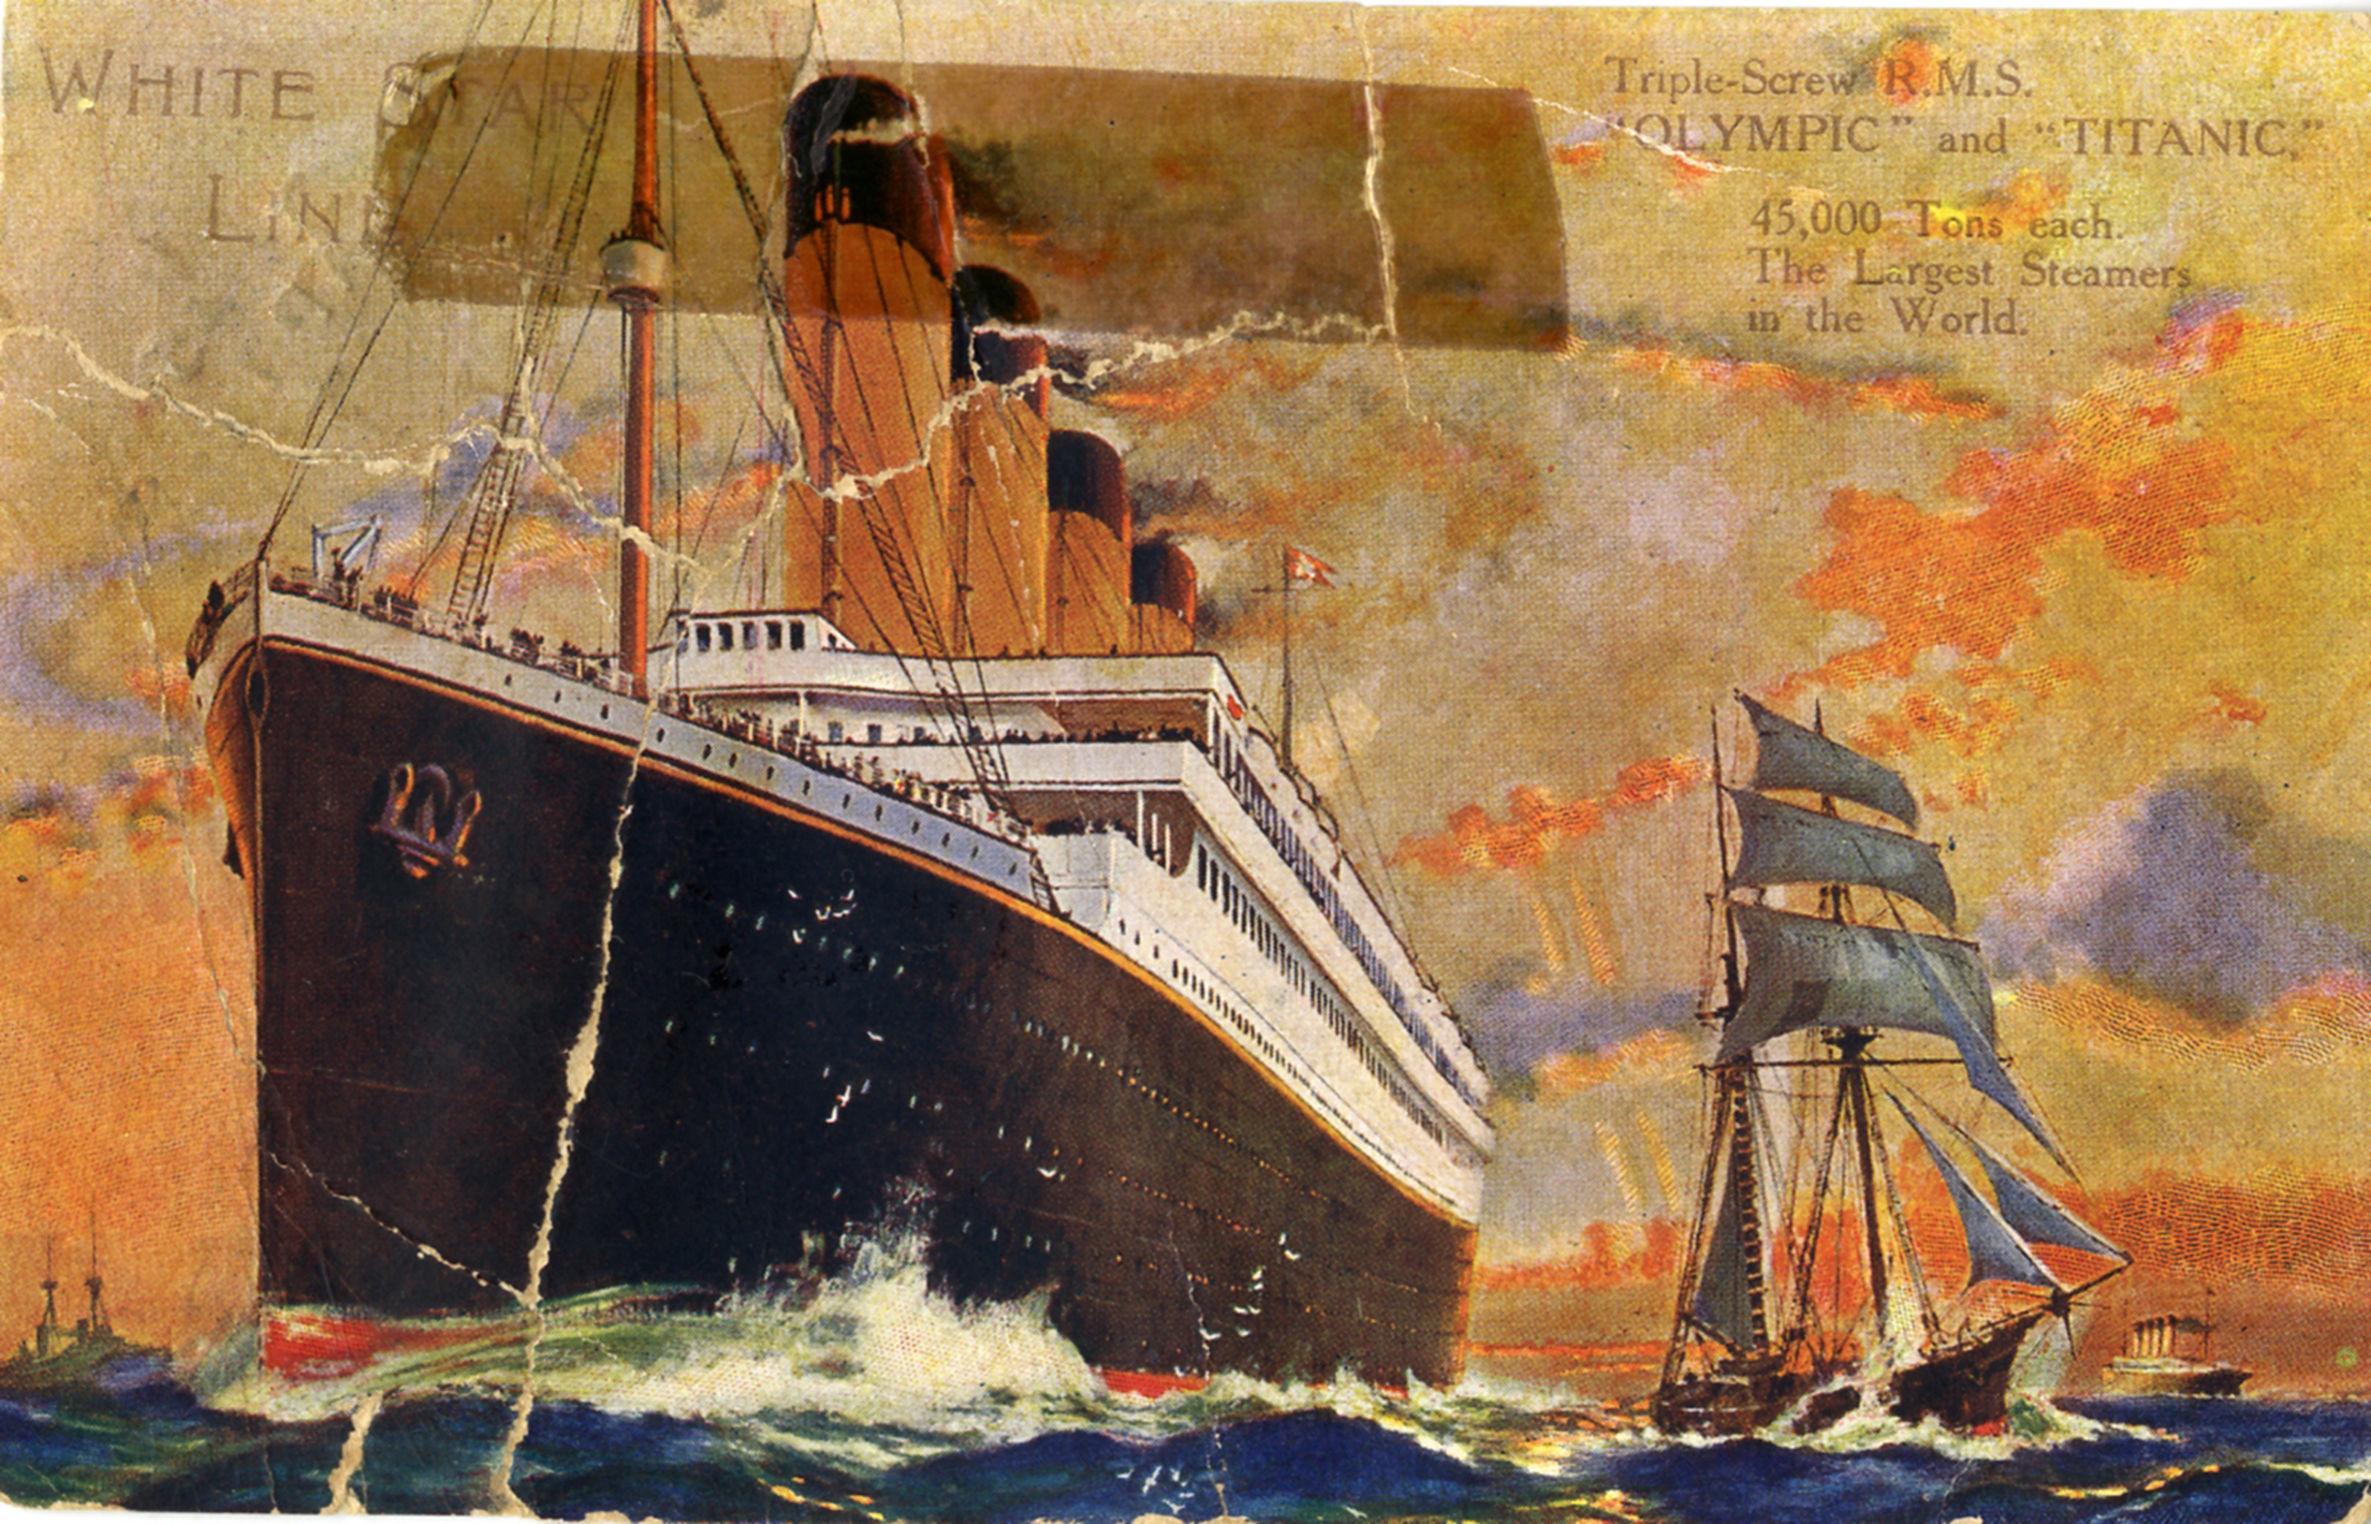 Viaggi, Estate 2020. Titanic: ultimi posti rimasti per immergersi nel luogo del naufragio, prima che il relitto venga distrutto del tutto